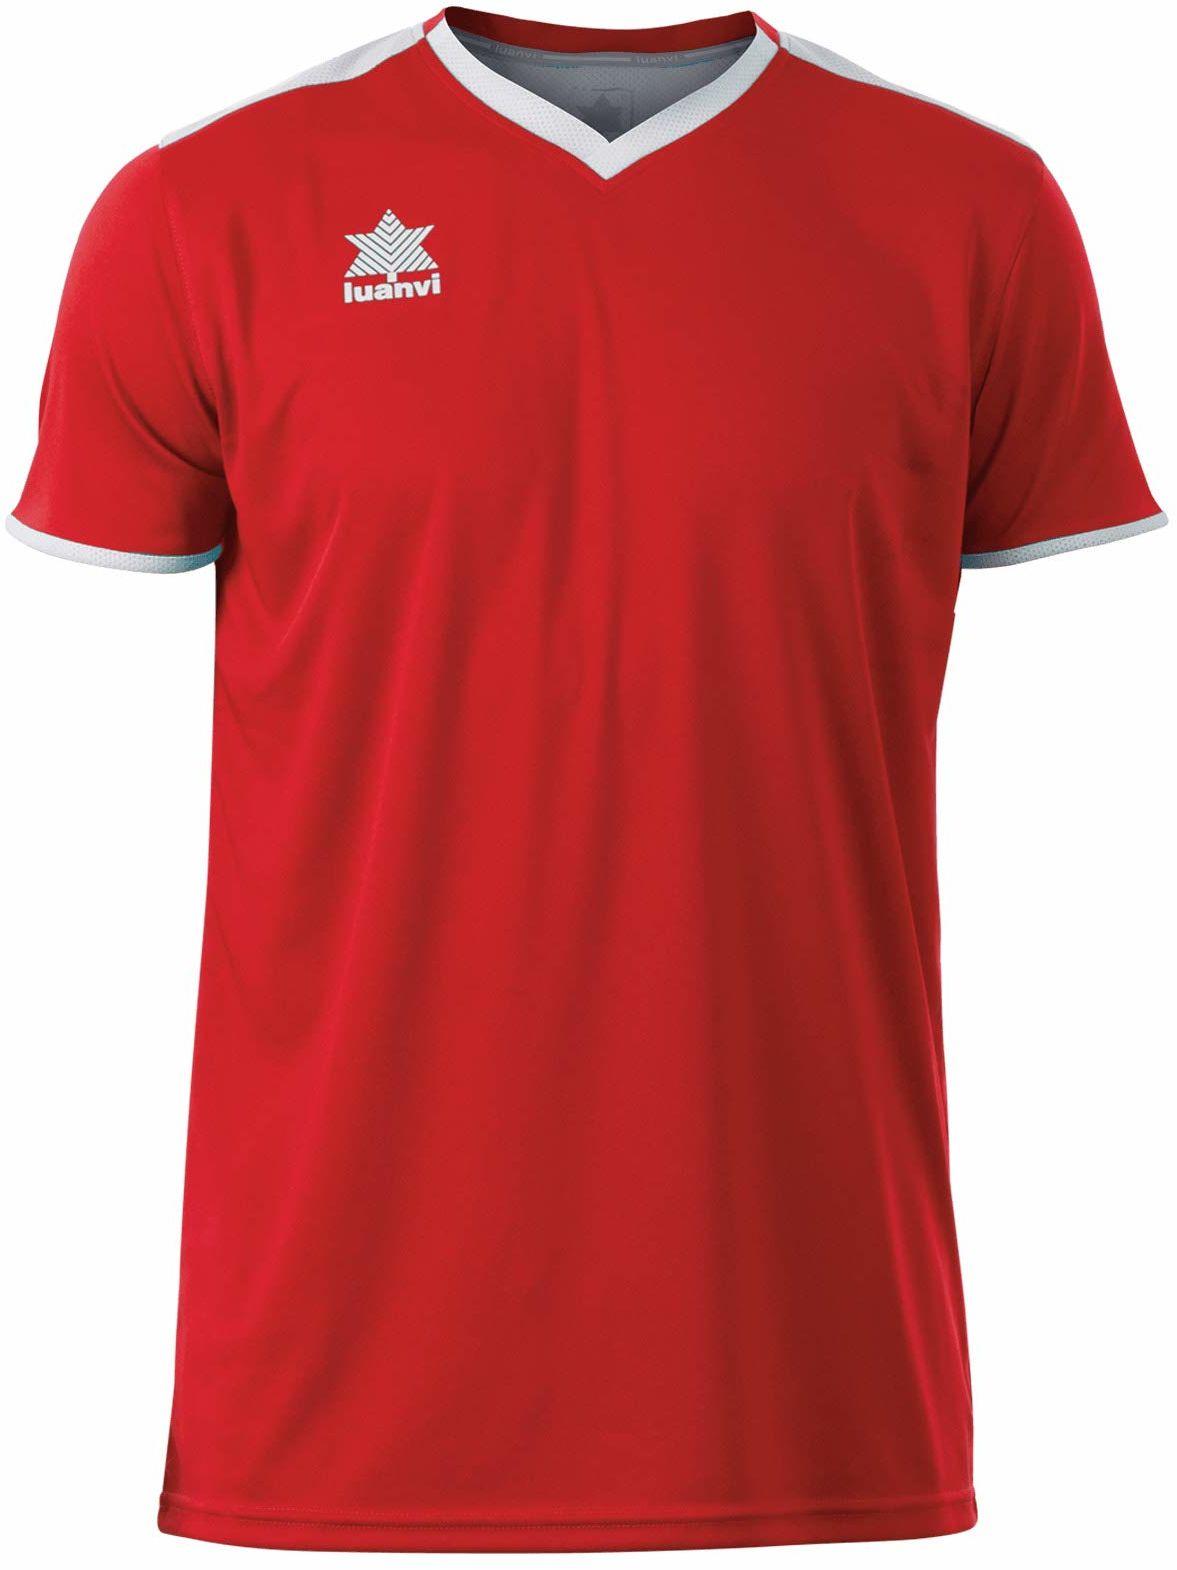 Luanvi Męski T-shirt Match z krótkimi rękawami. czerwony czerwony L